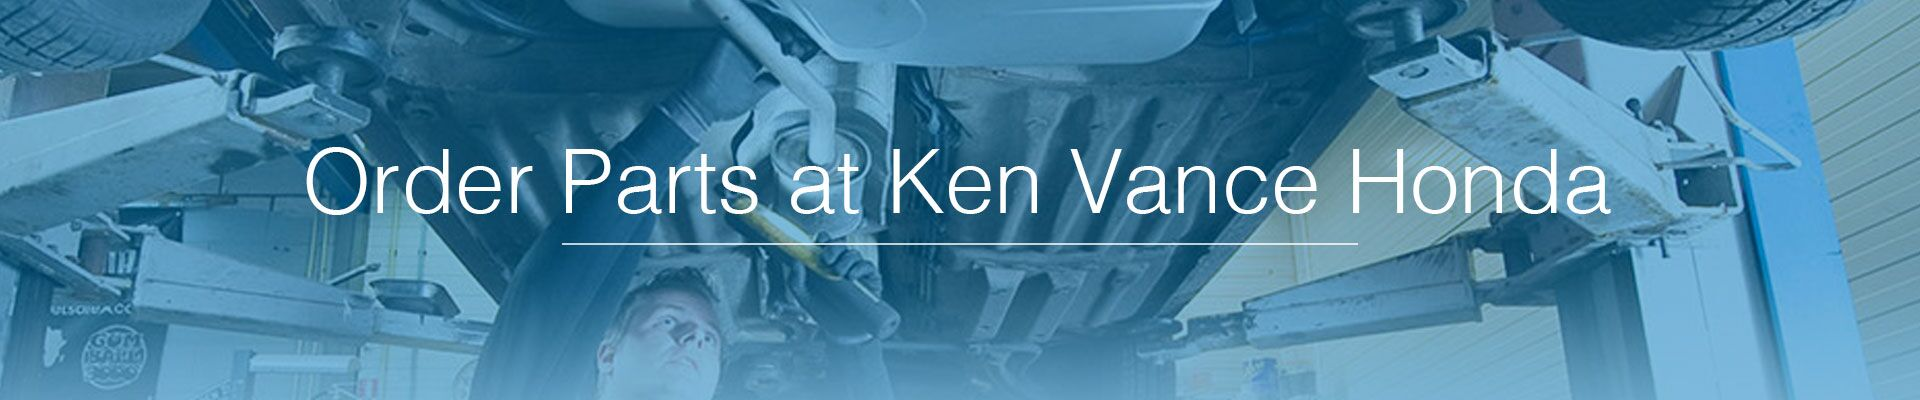 Order Parts at Ken Vance Honda